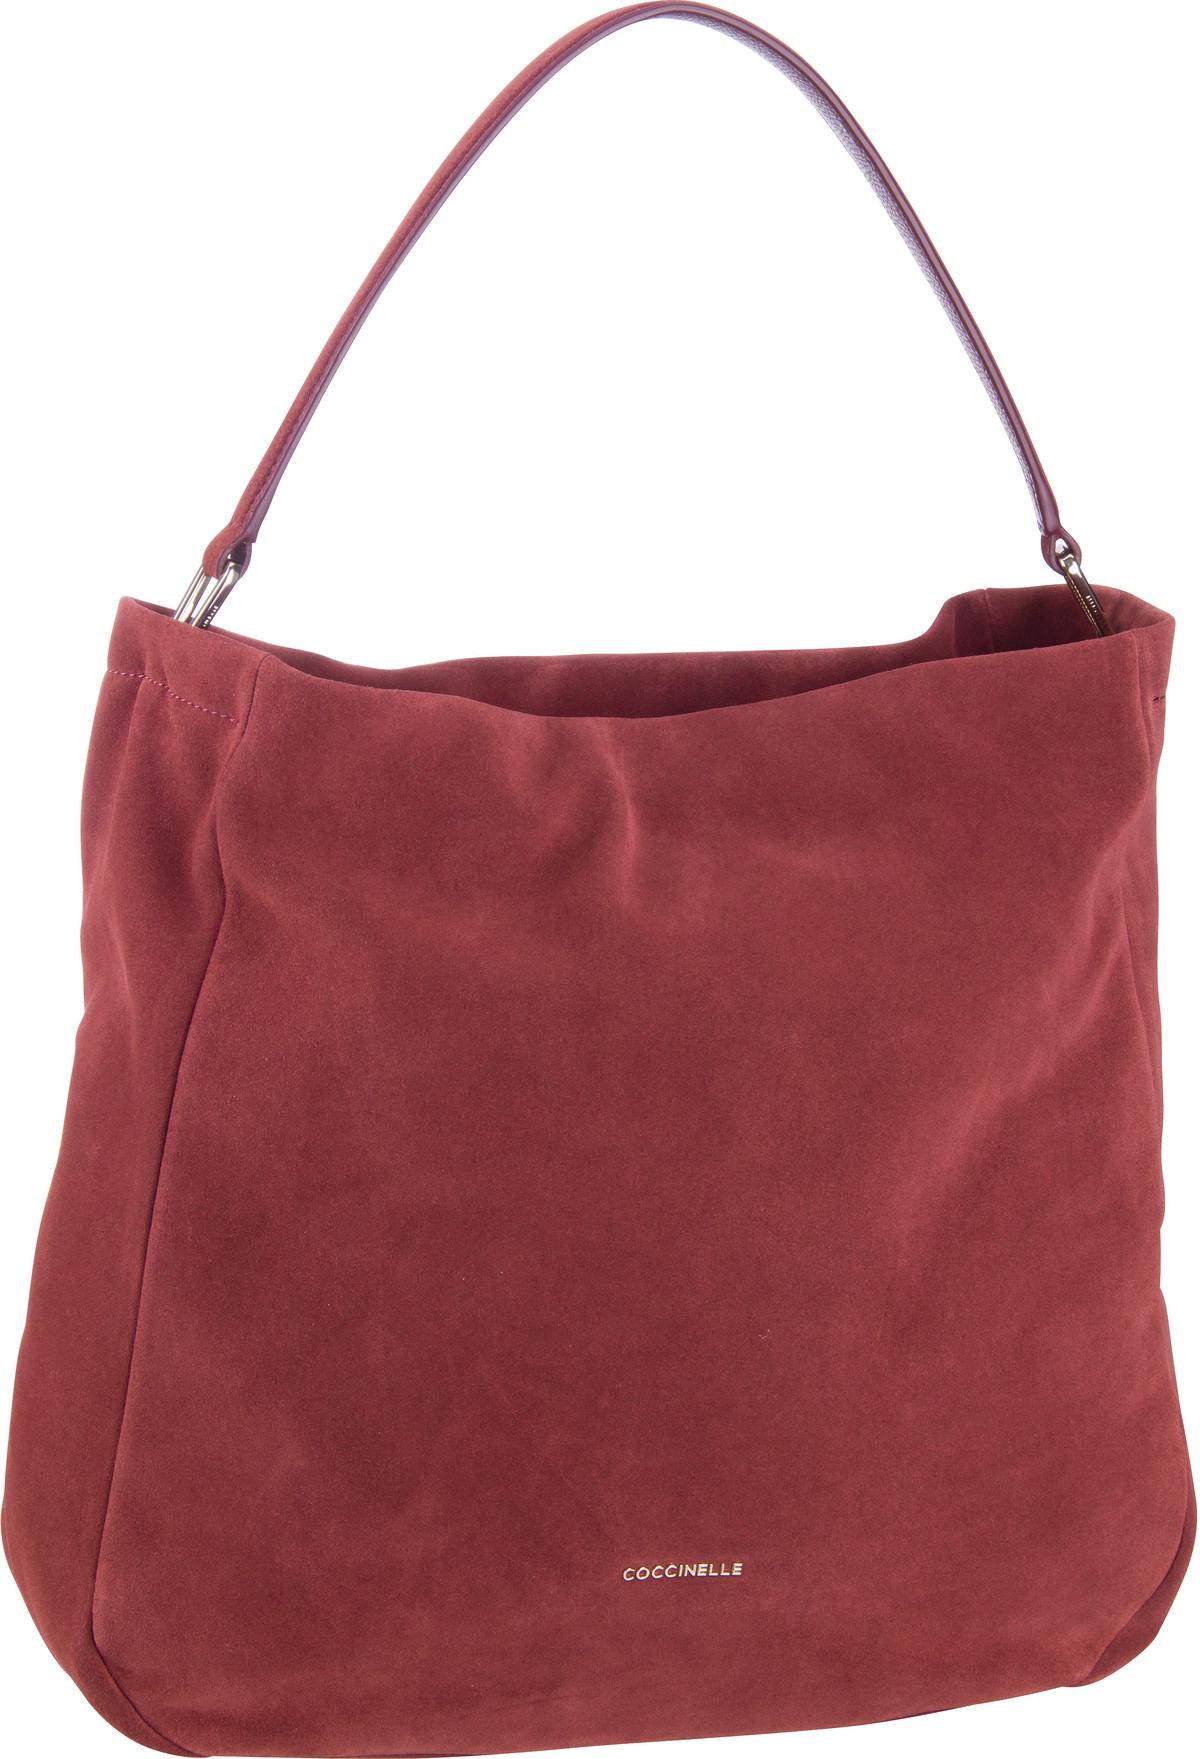 Handtasche Rendez-Vous Suede 1302 Marsala